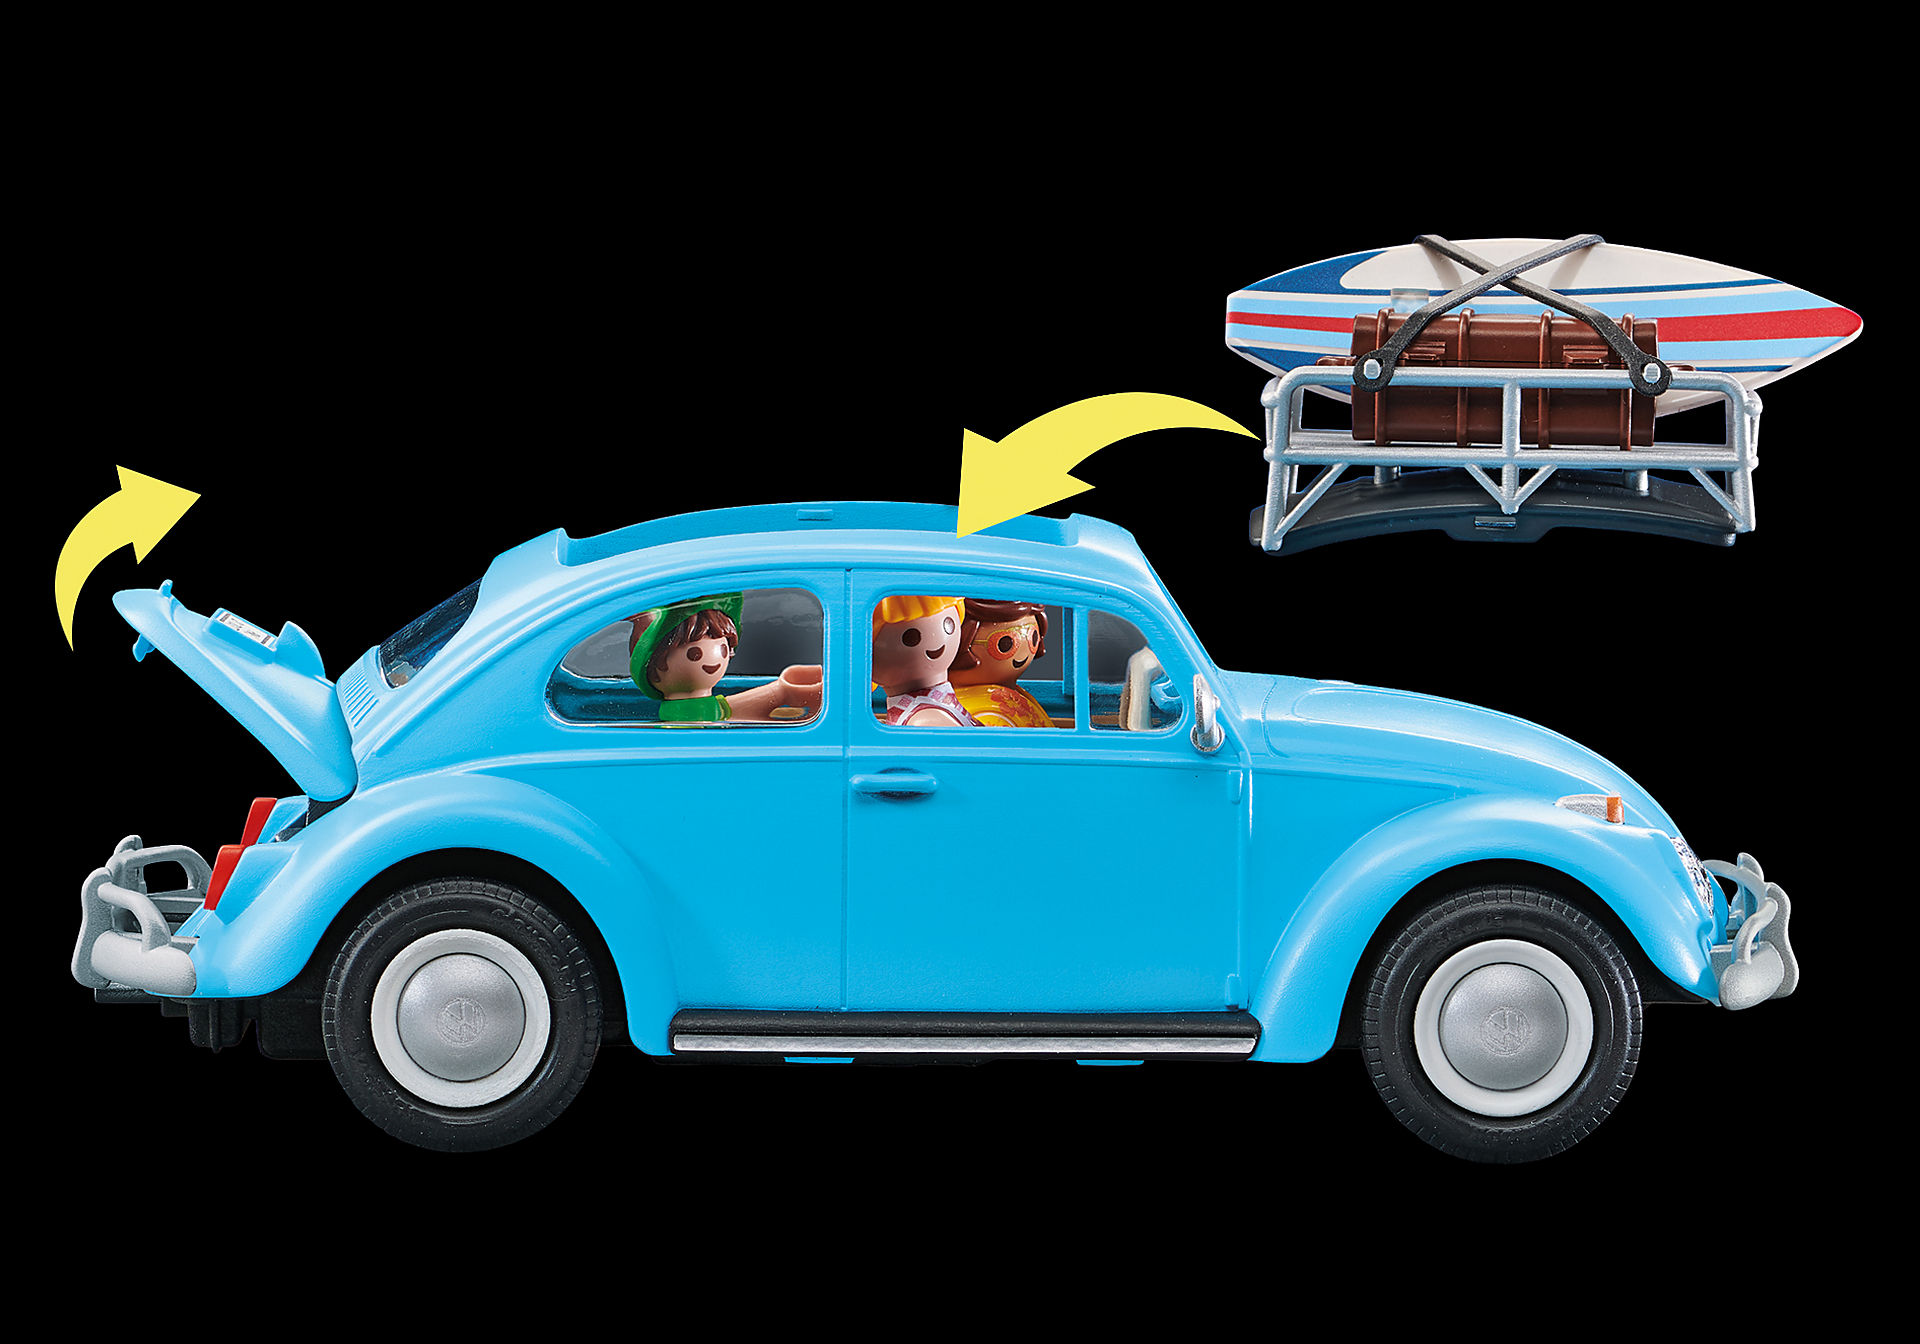 70177 Volkswagen Σκαραβαίος zoom image6